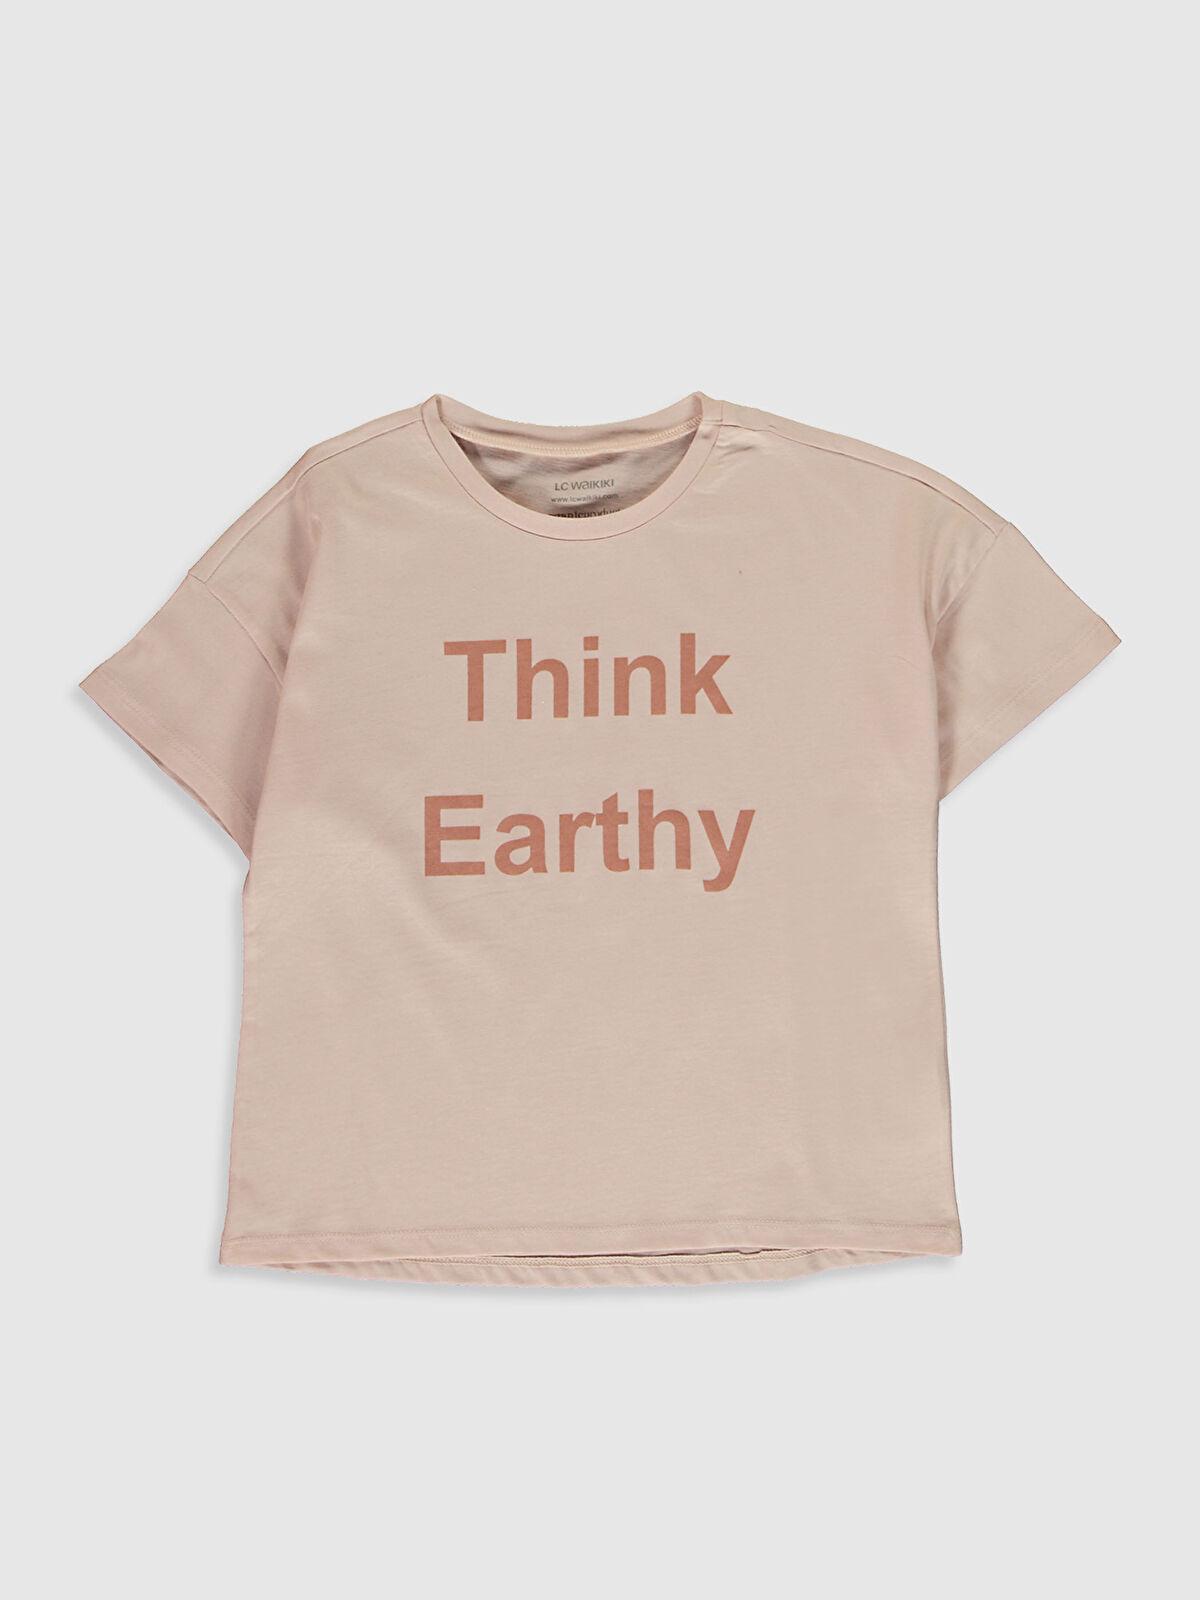 Kız Çocuk Bitkisel Boyalı Organik Kumaştan Tişört - LC WAIKIKI